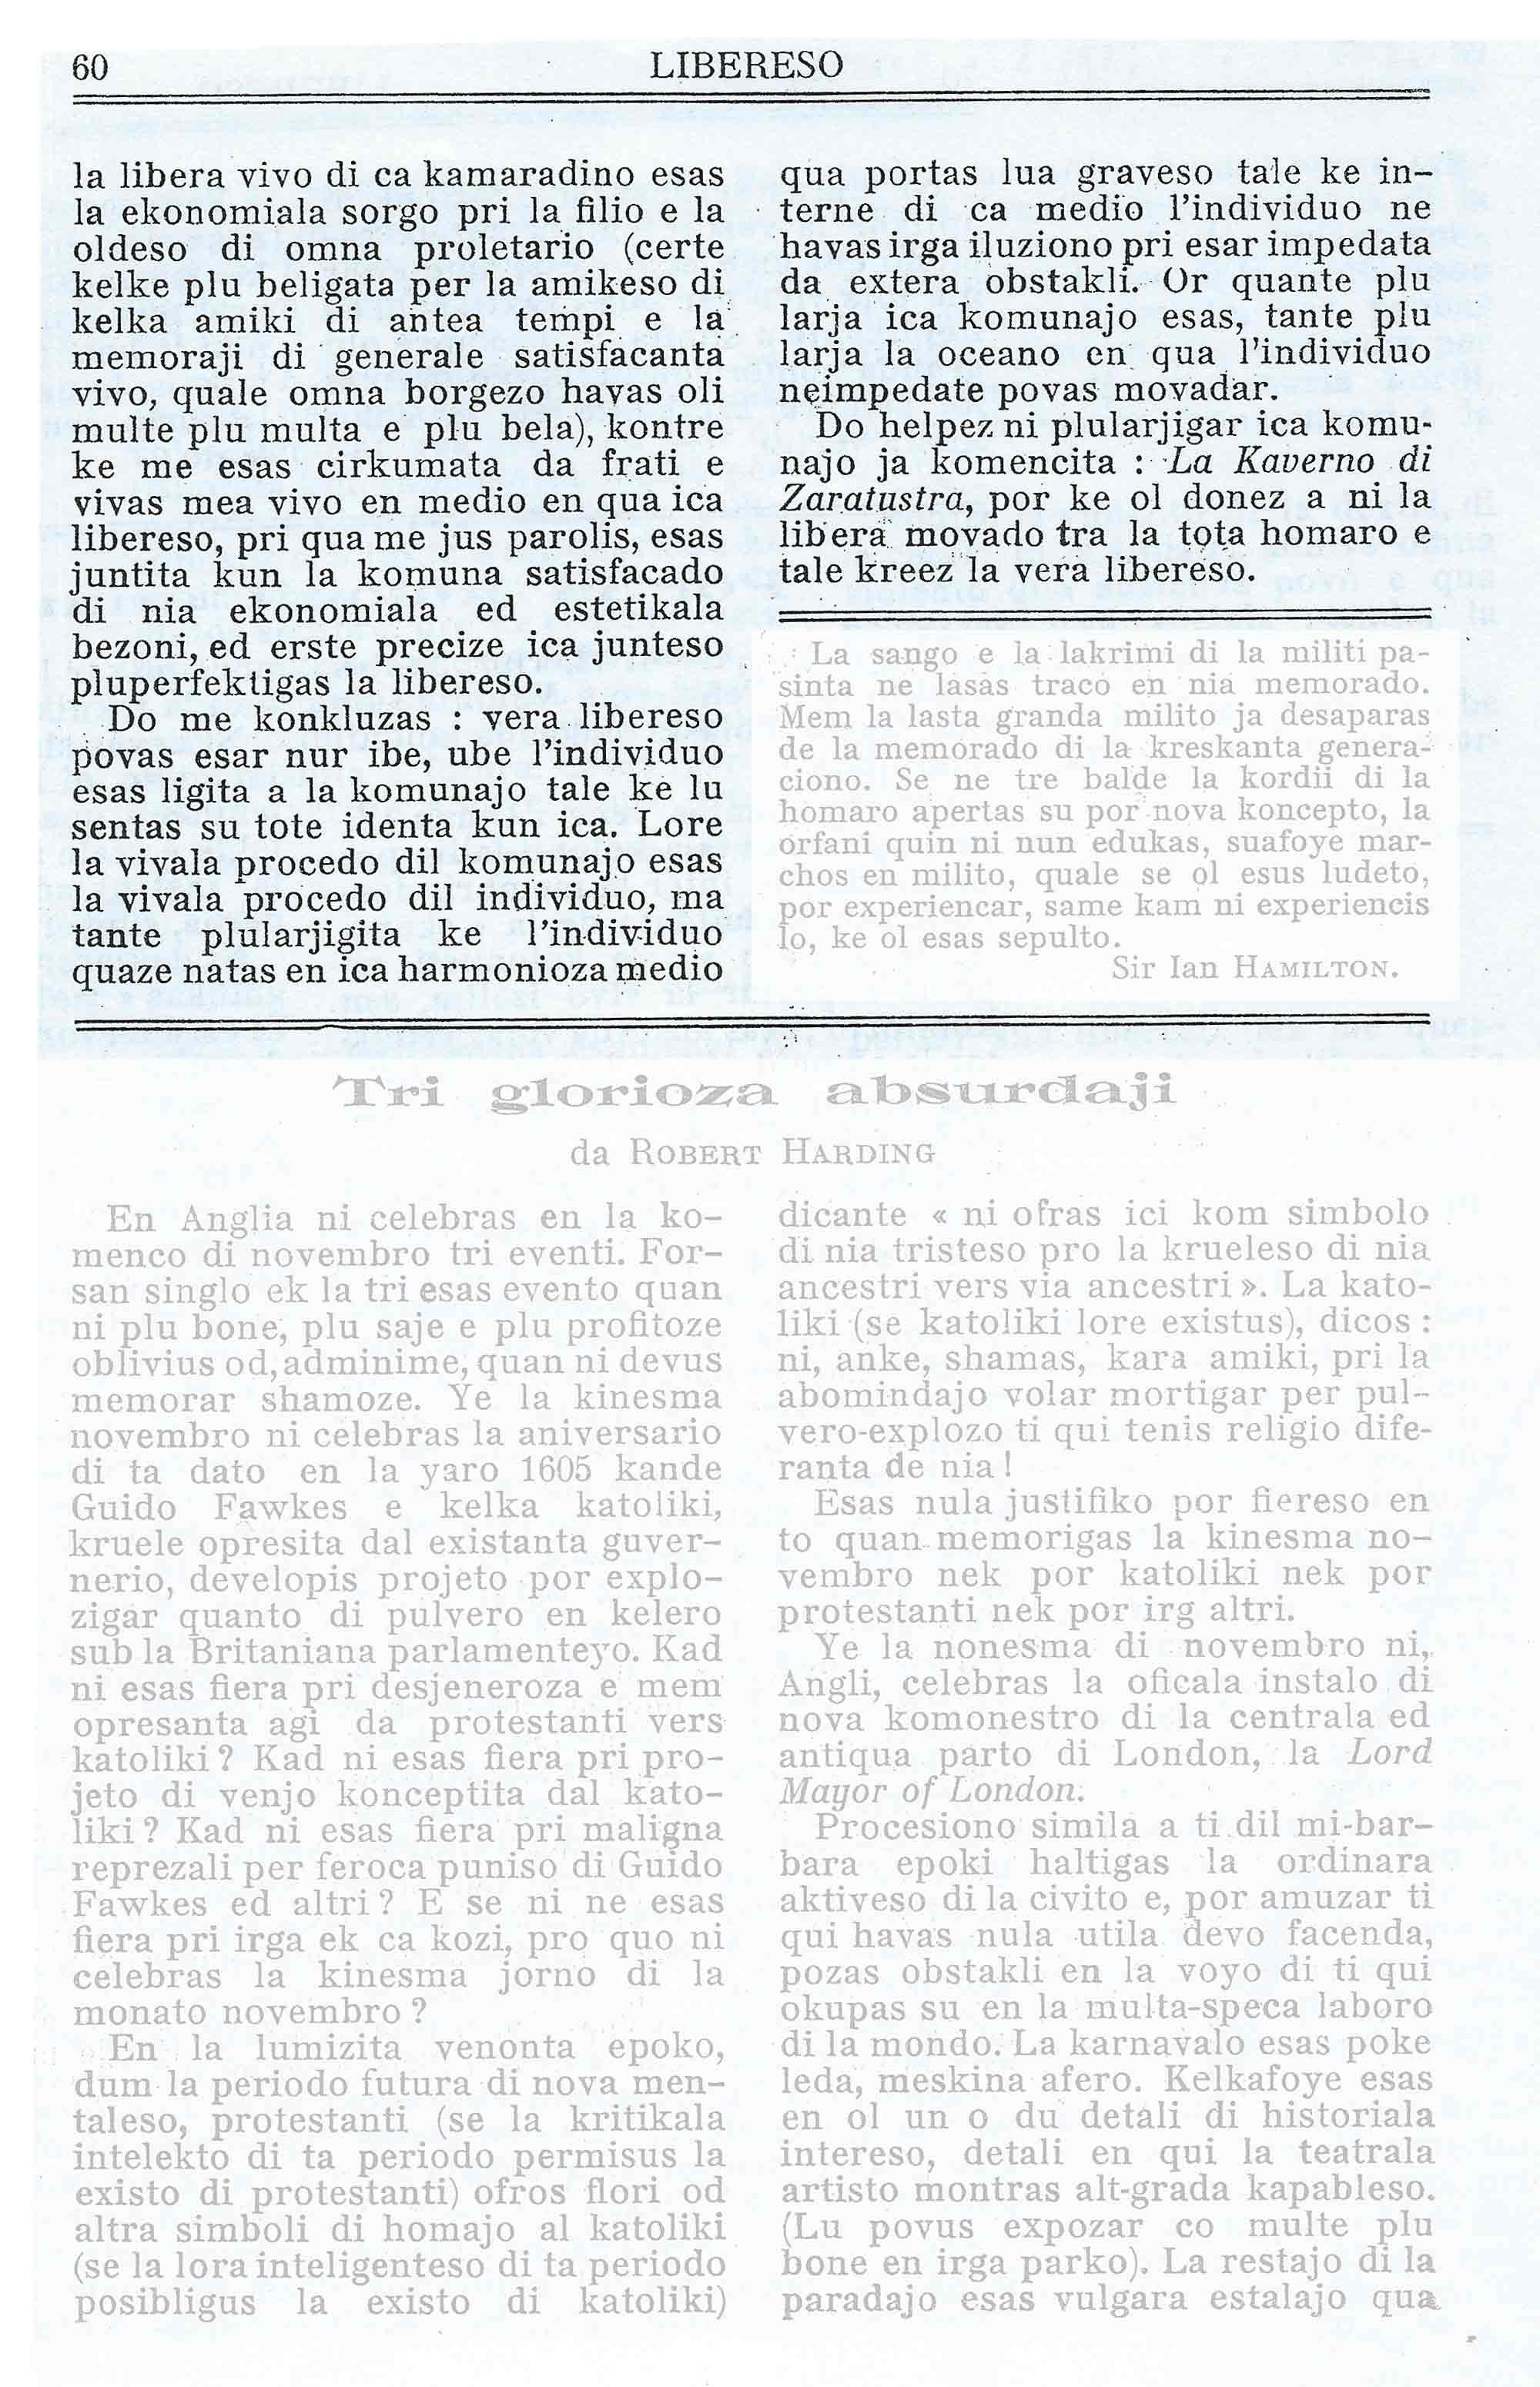 Libereso_2_1923_no17_s2